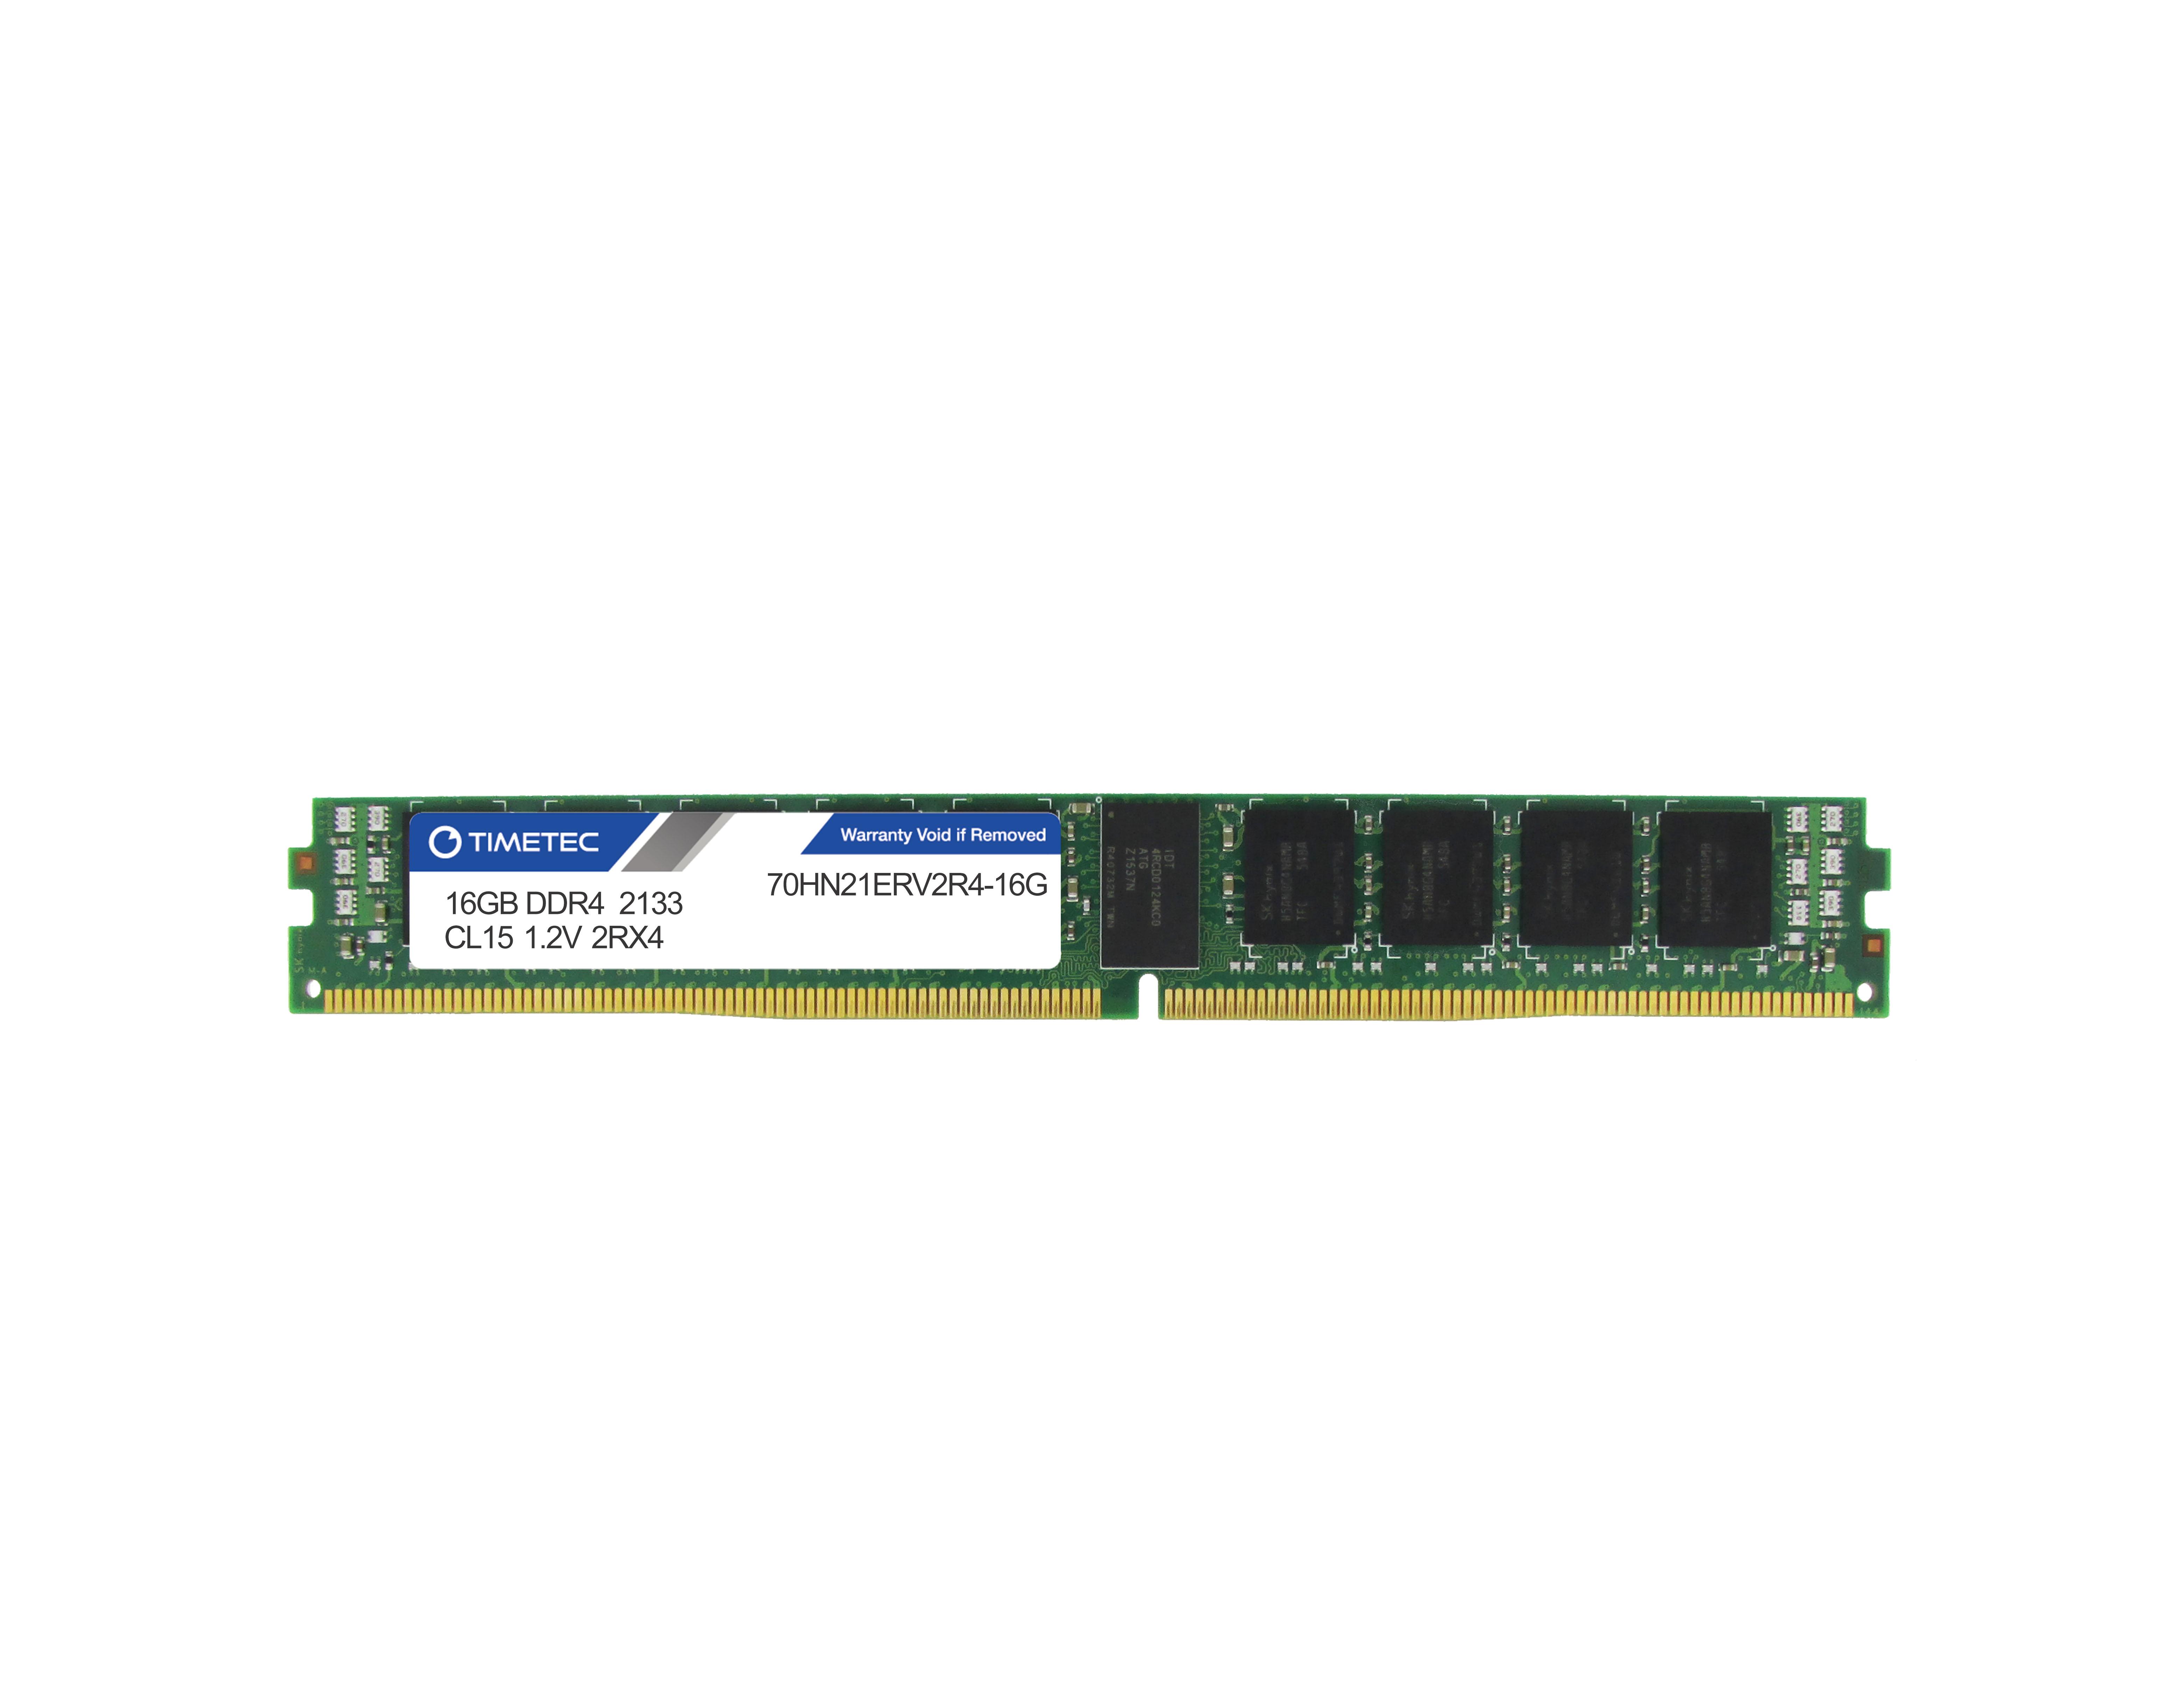 Timetec 16gb Ddr4 2133 Rdimm Vlp Memory Of Samsung Server Pc3 12800r Ecc 70hn21erv2r4 16g